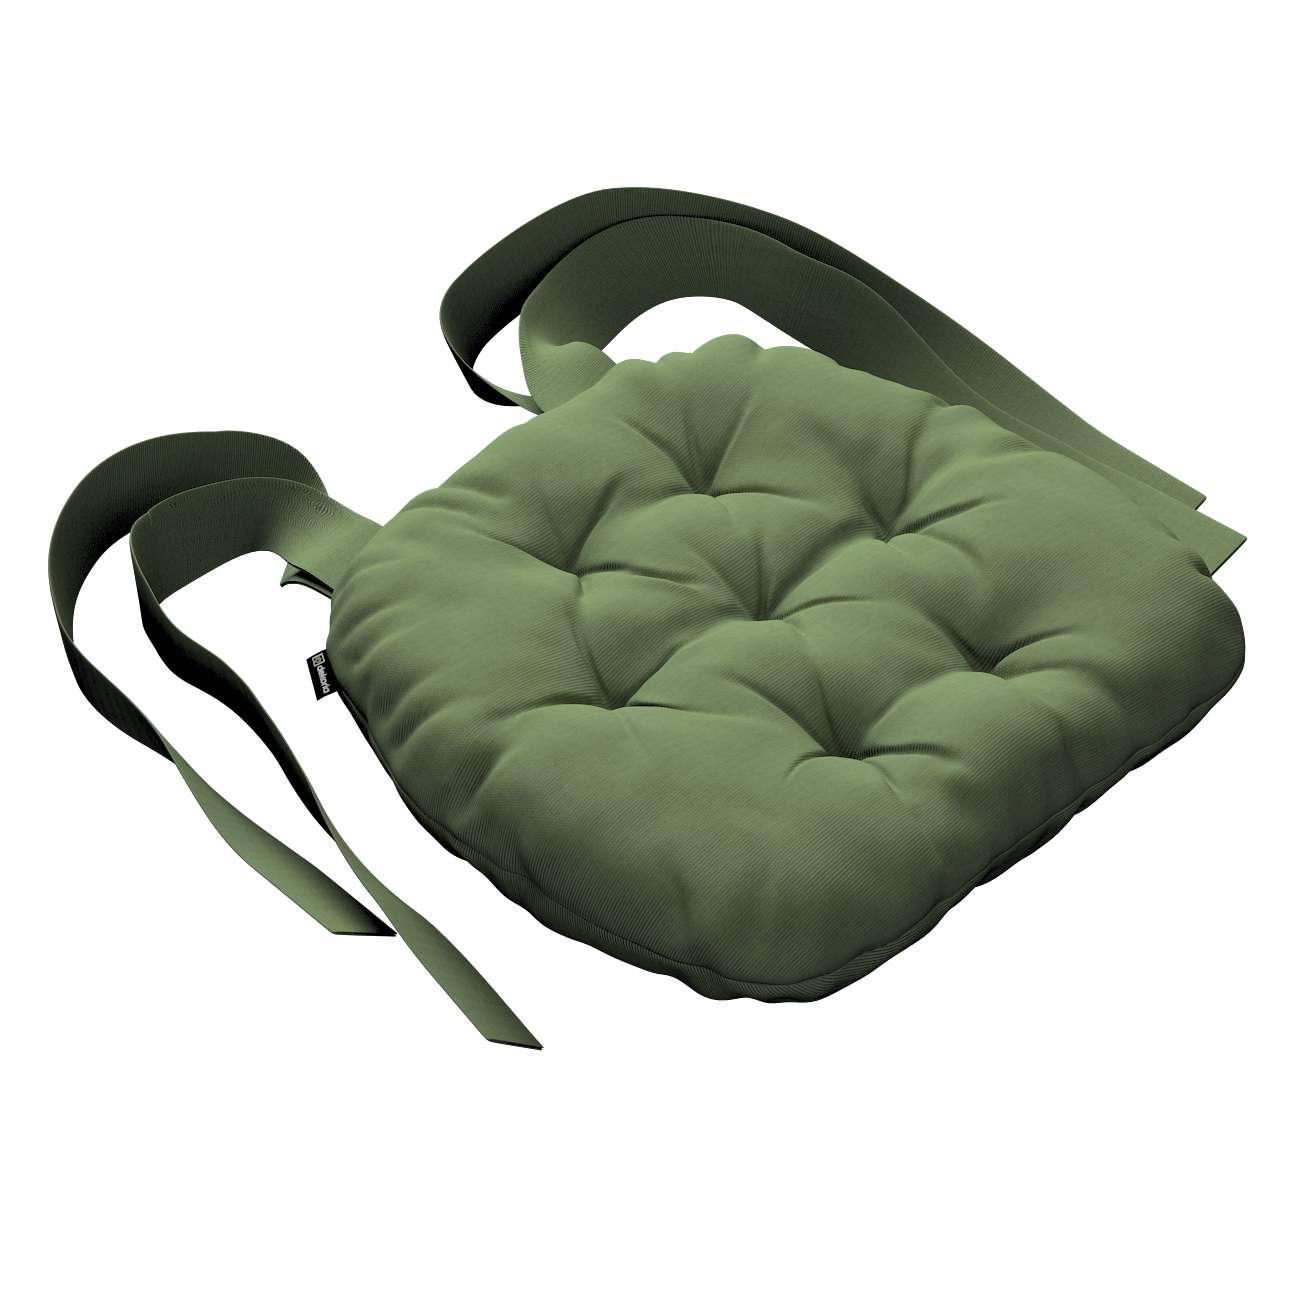 Kėdės pagalvėlė Marcin (apvaliais kraštais) 40 x 37 x 8 cm kolekcijoje Jupiter, audinys: 127-52